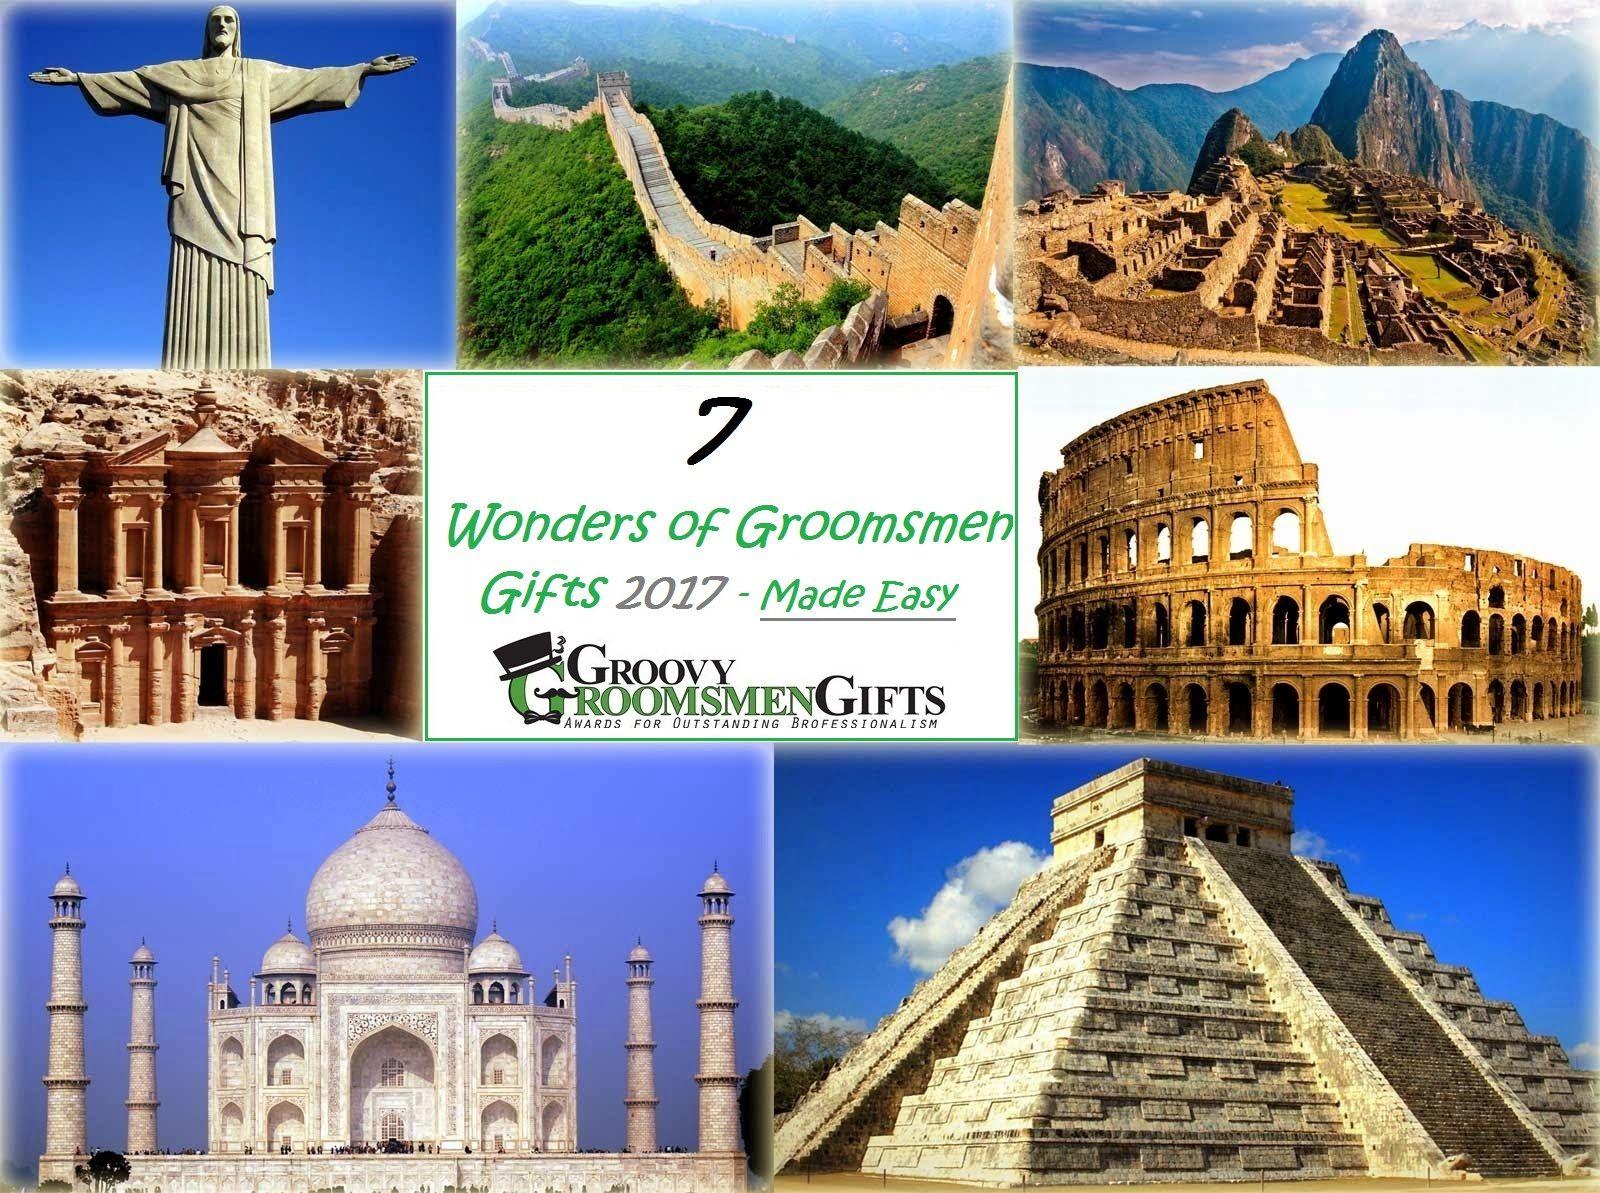 7 Wonders Of Groomsmen Gifts Ideas In 2017 Wonders Of The World 7 World Wonders New Seven Wonders